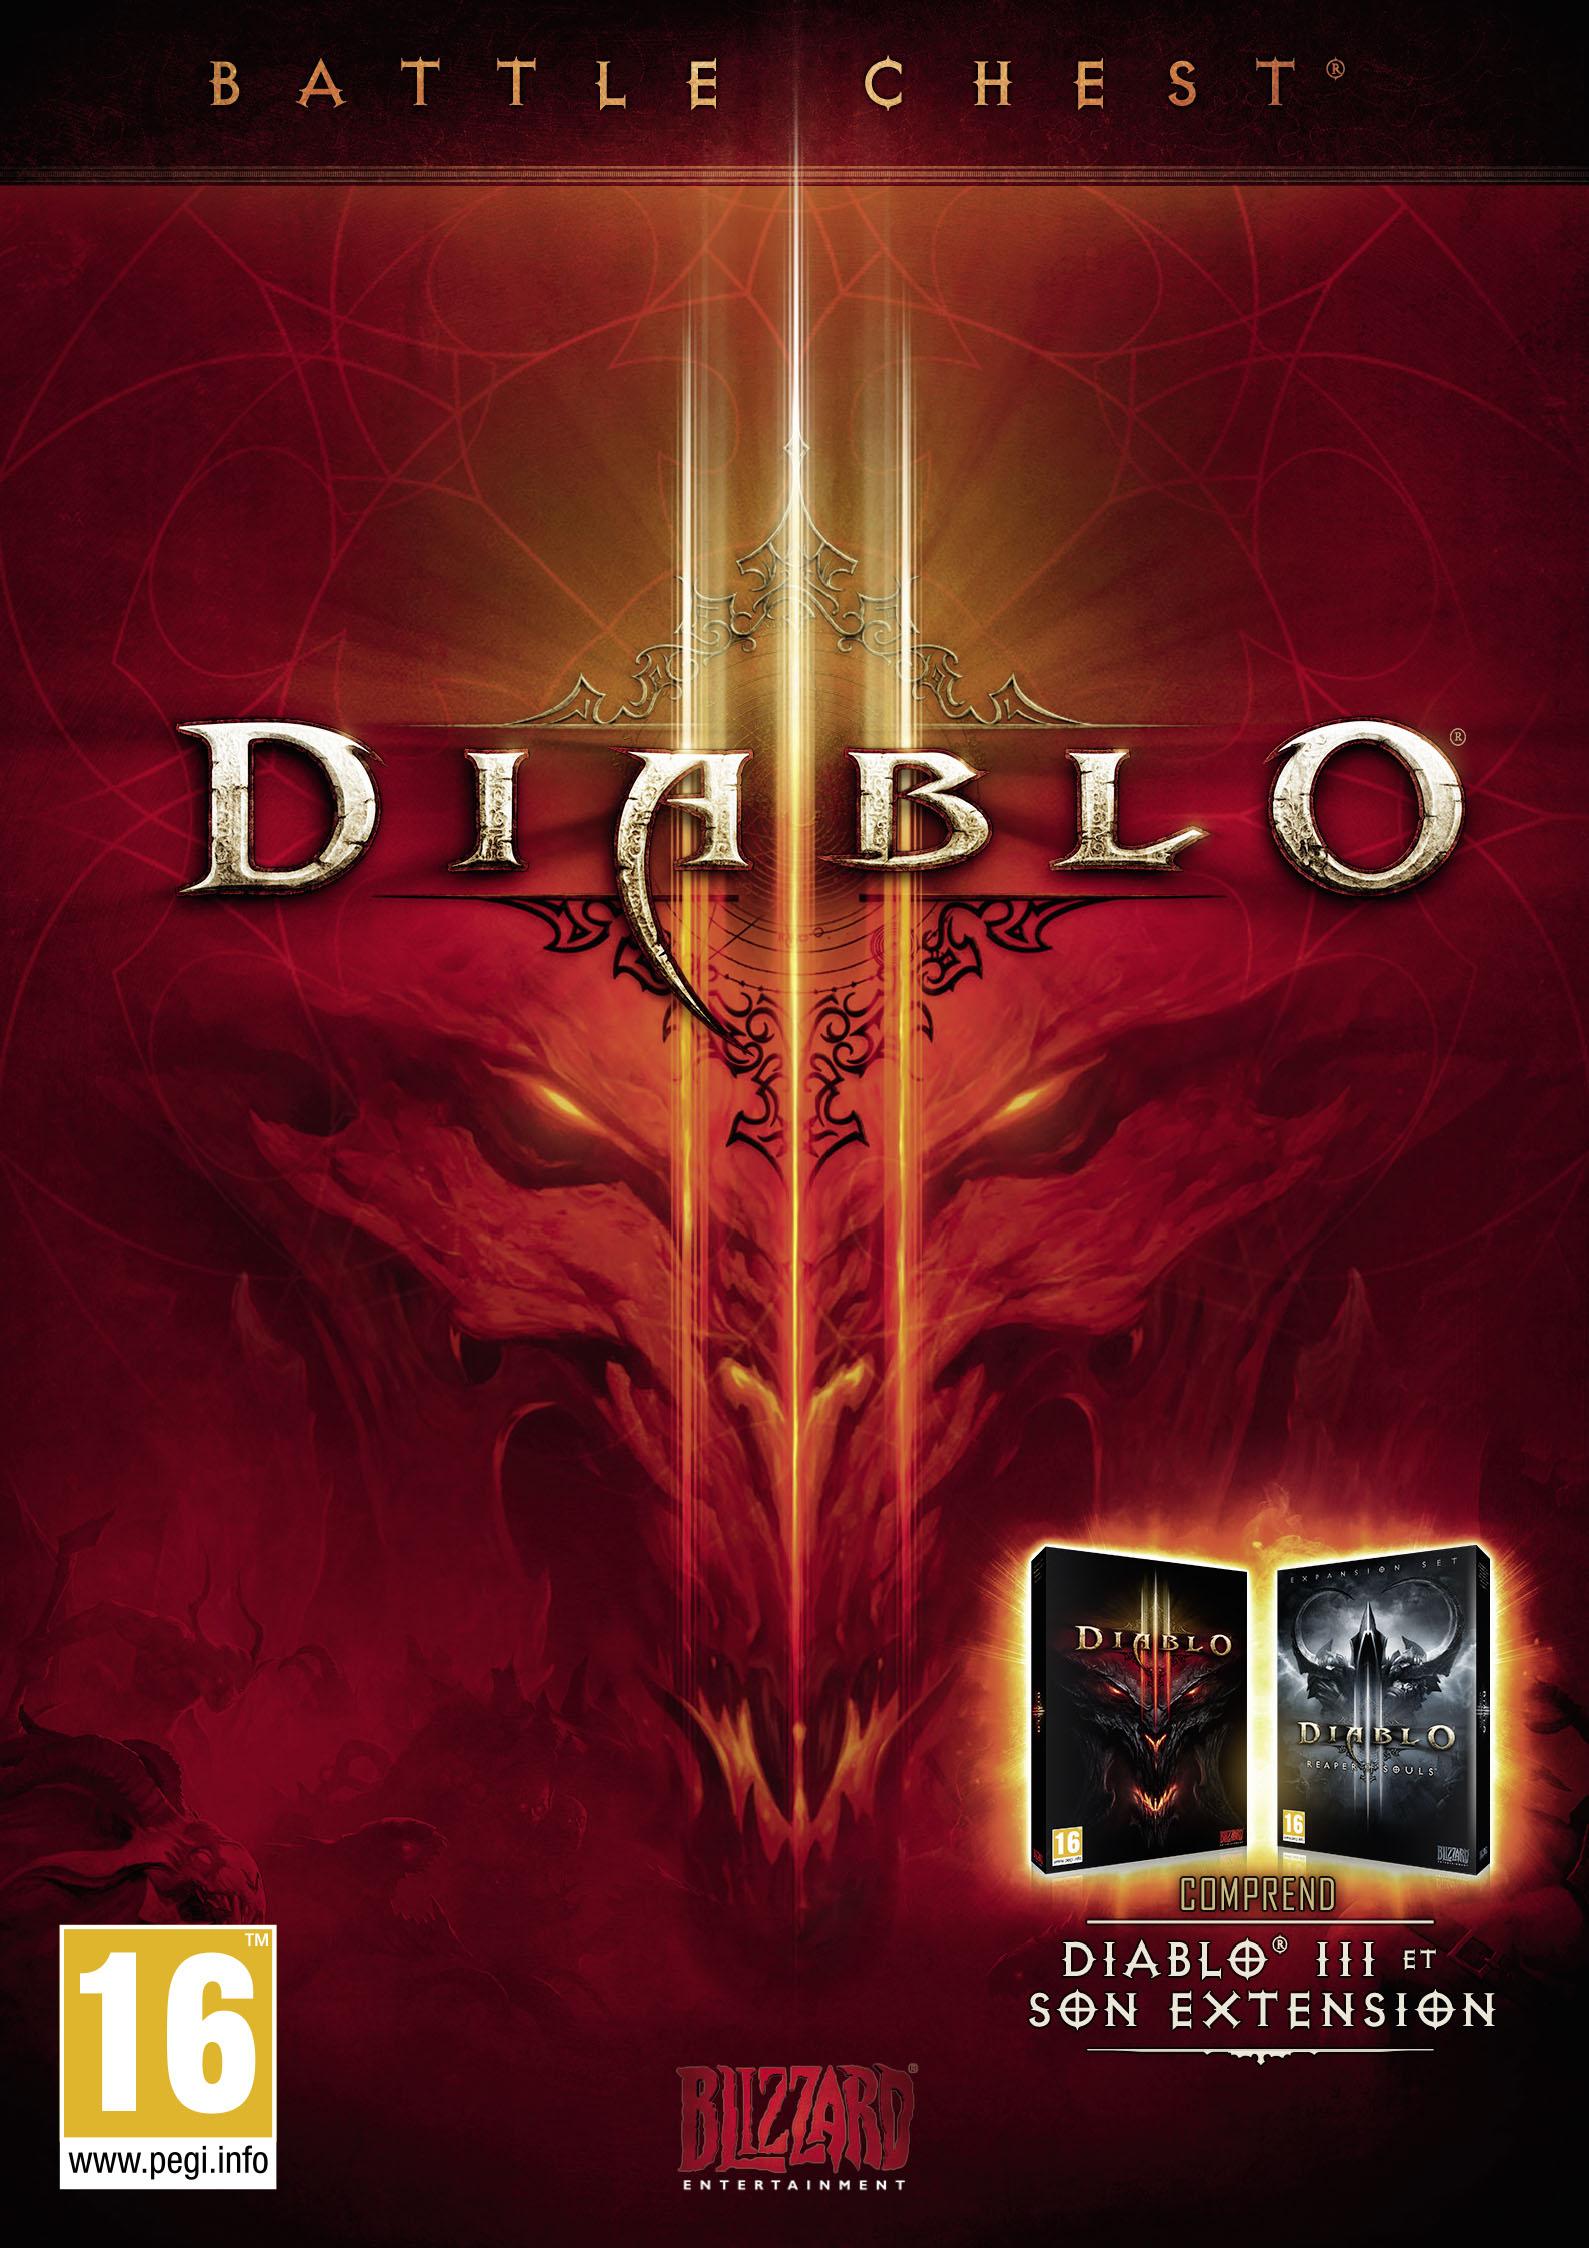 Diablo III Battlechest sur PC / Mac (Dématérialisé)